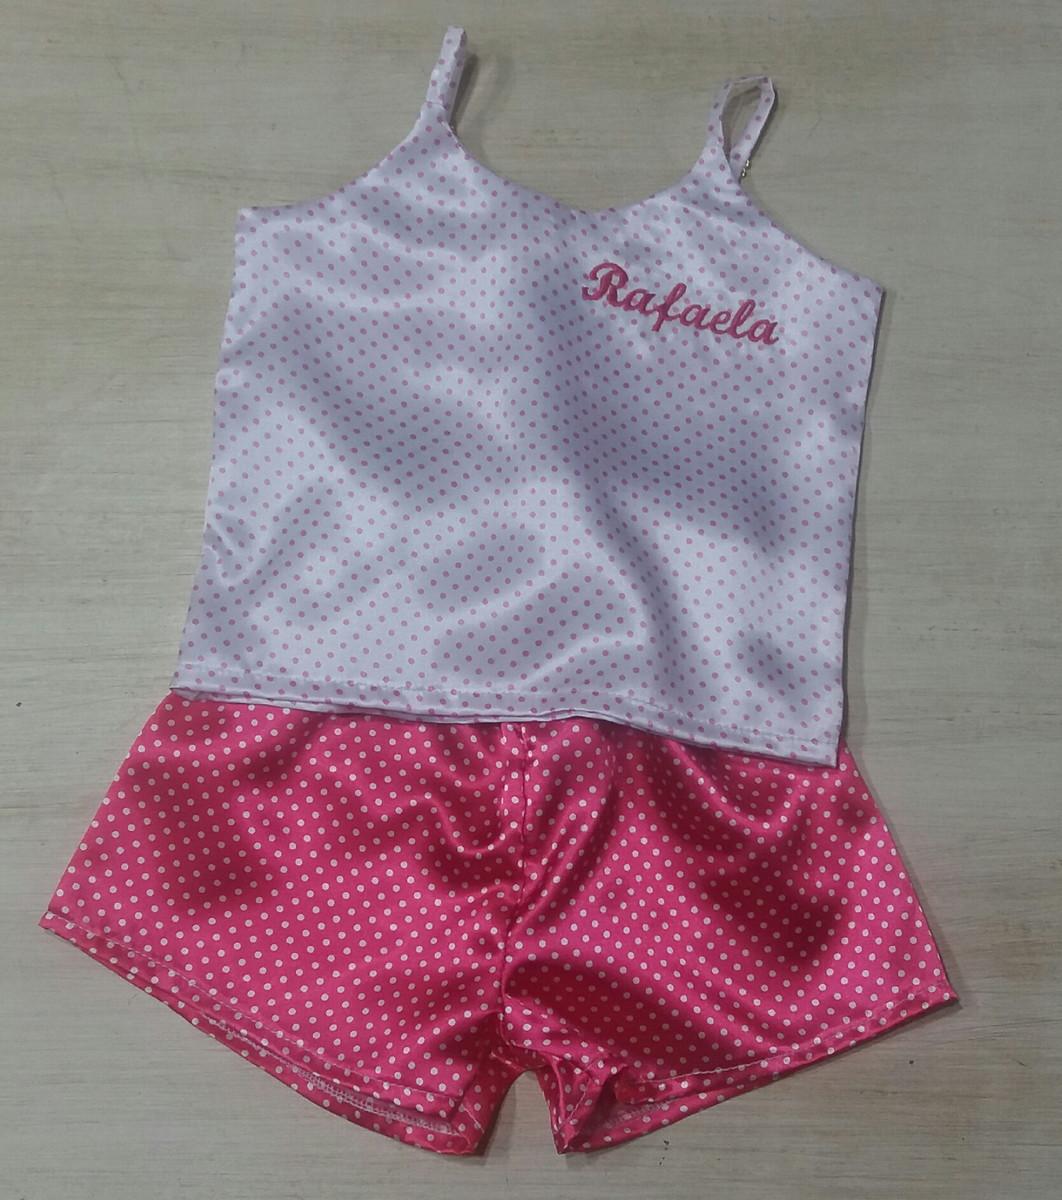 055c5fd87 Pijama de cetim infantil bordado no Elo7